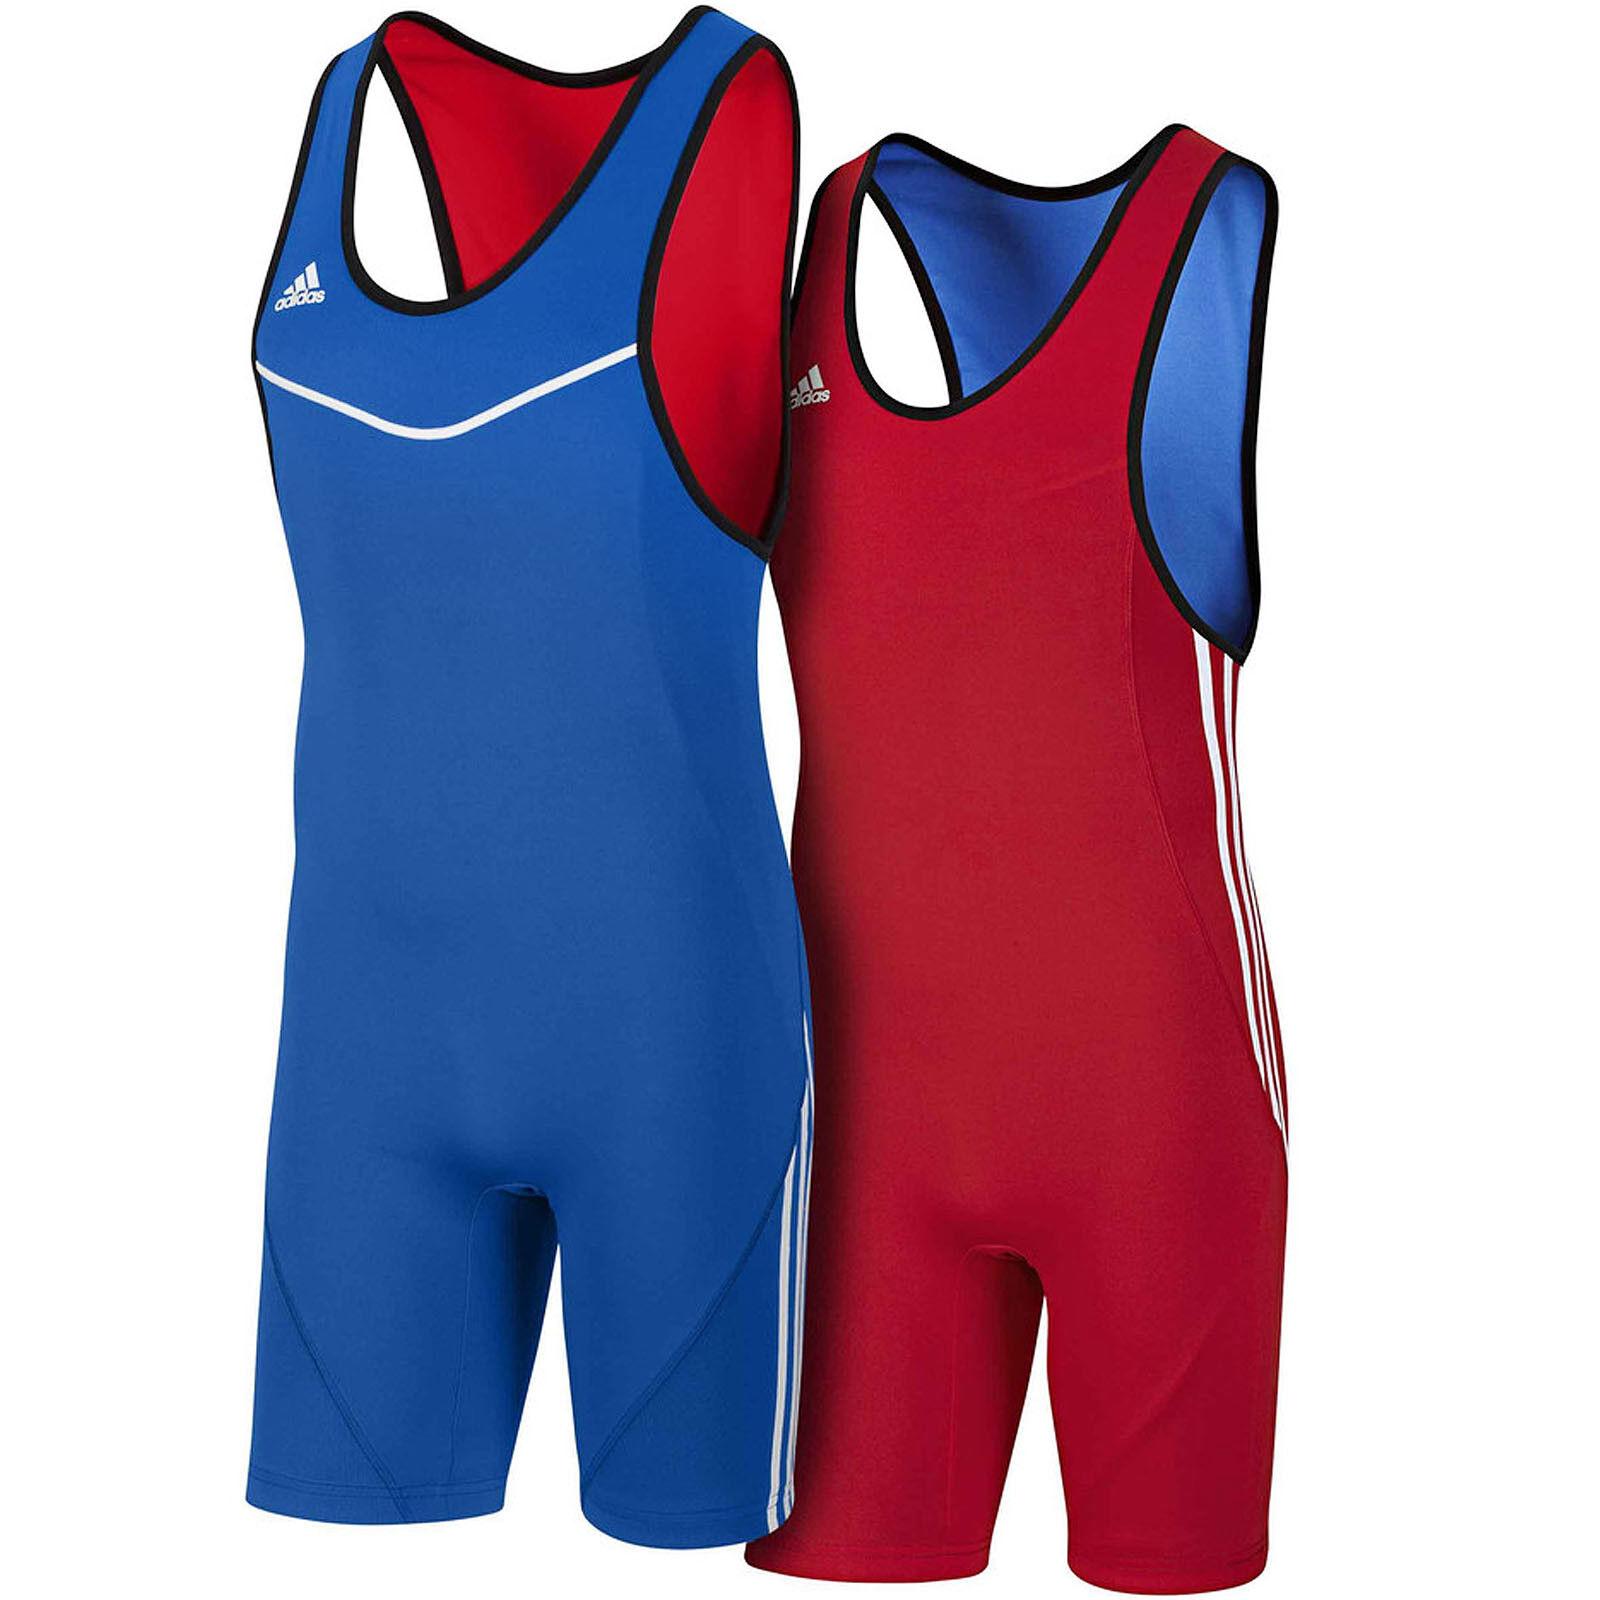 Adidas Performance Herren Doppelseitig Wrestling Sport Kombi - Blau Rot  | Ausgewählte Materialien  | Viele Sorten  | Modernes Design